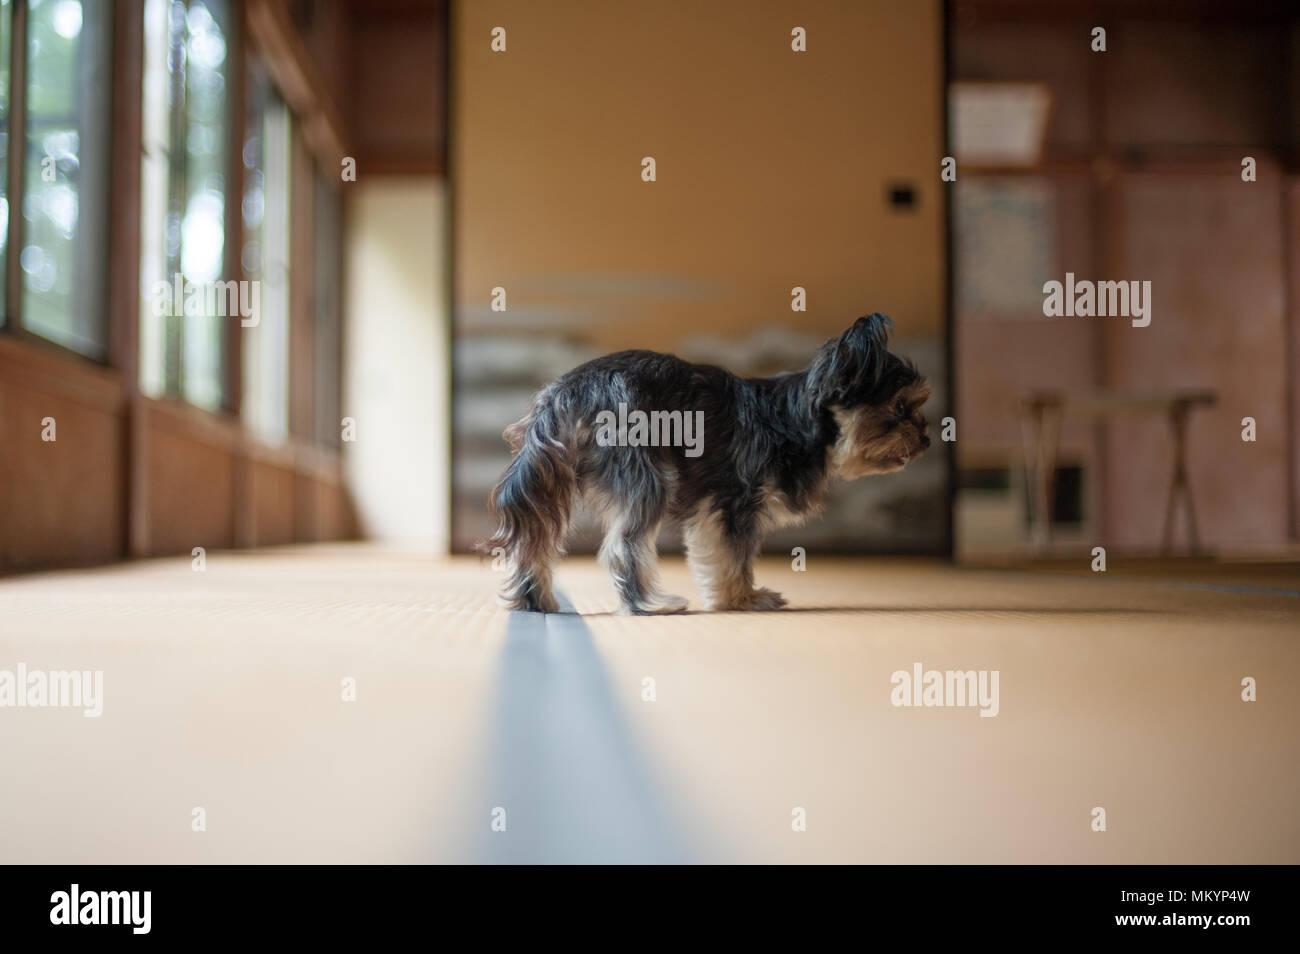 Hund Ist Auf Der Suche Nach Etwas Im Japanischen Raum Um Tokio